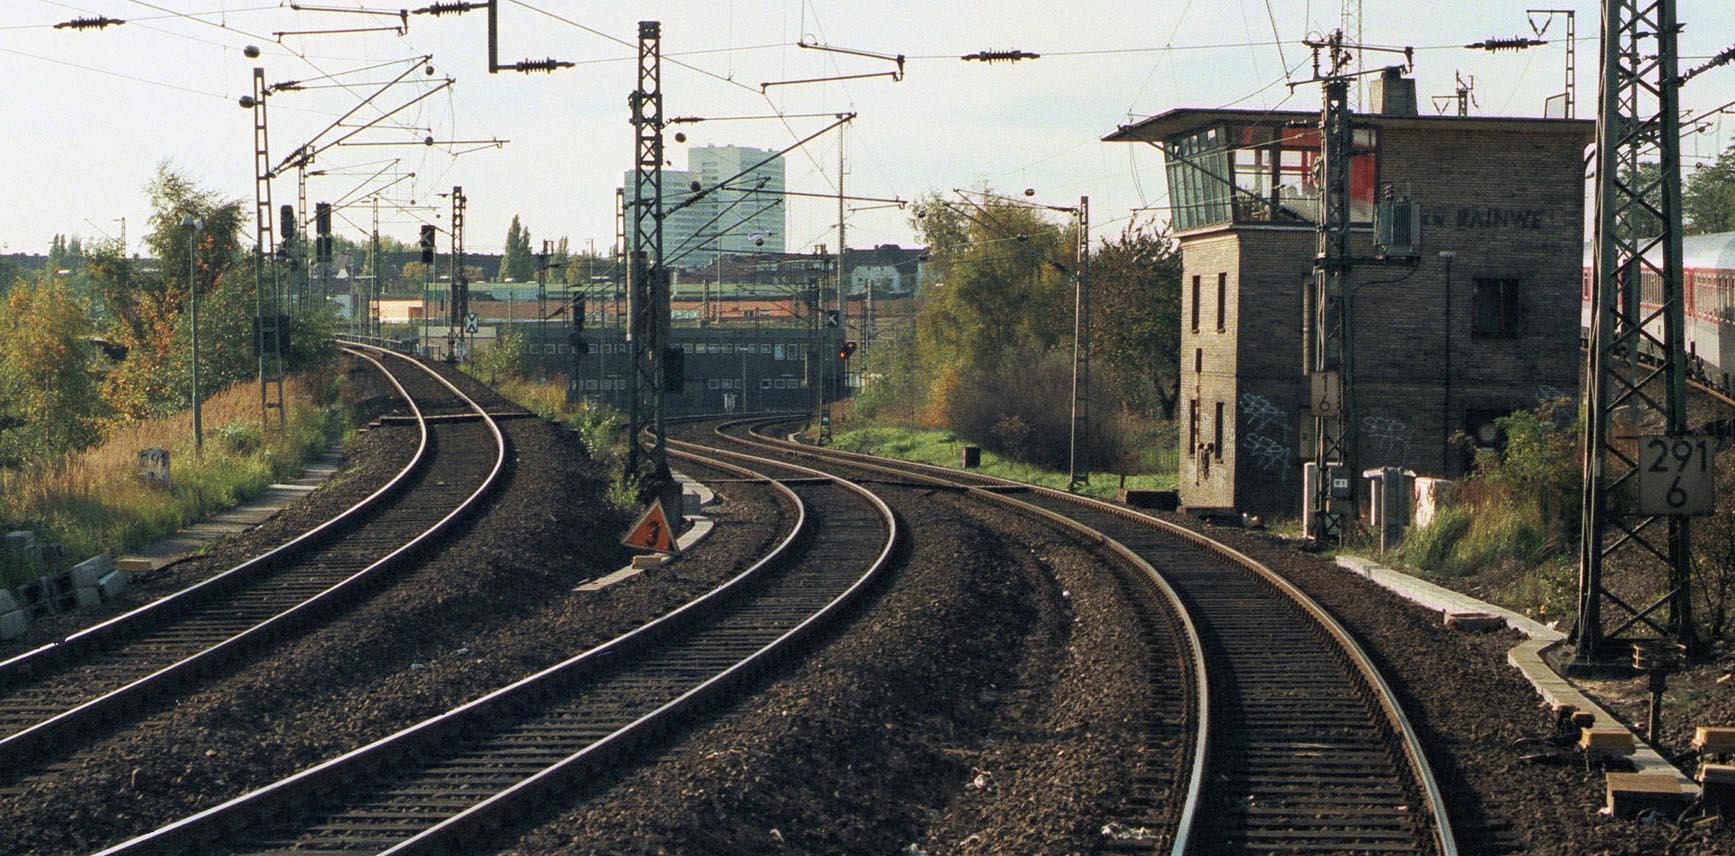 http://file1.npage.de/008885/90/bilder/94101806b.jpg